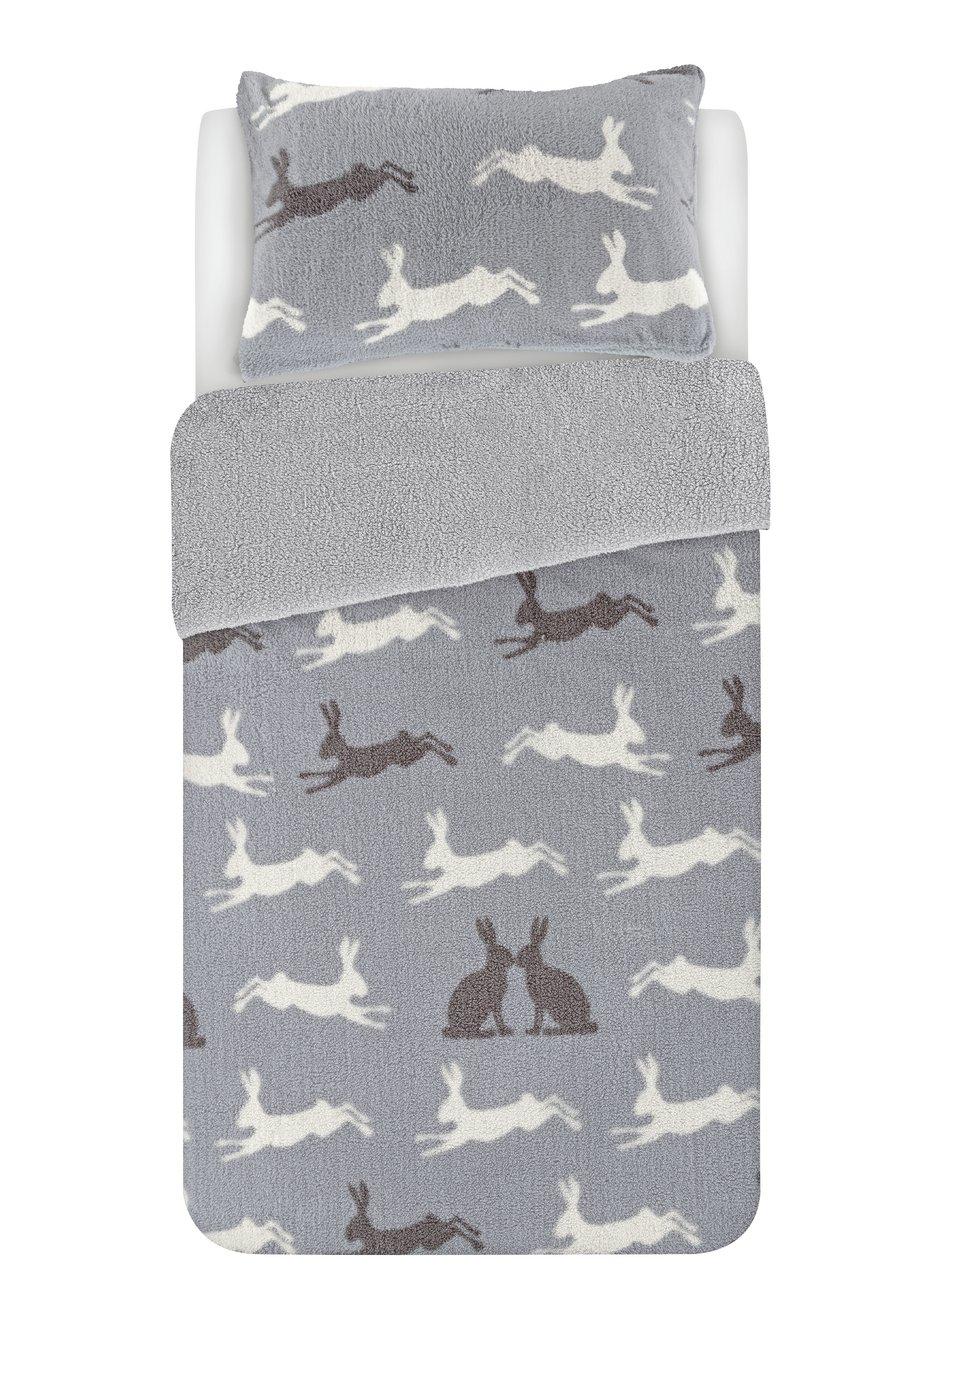 Argos Home Fleece Hare Bedding Set - Single